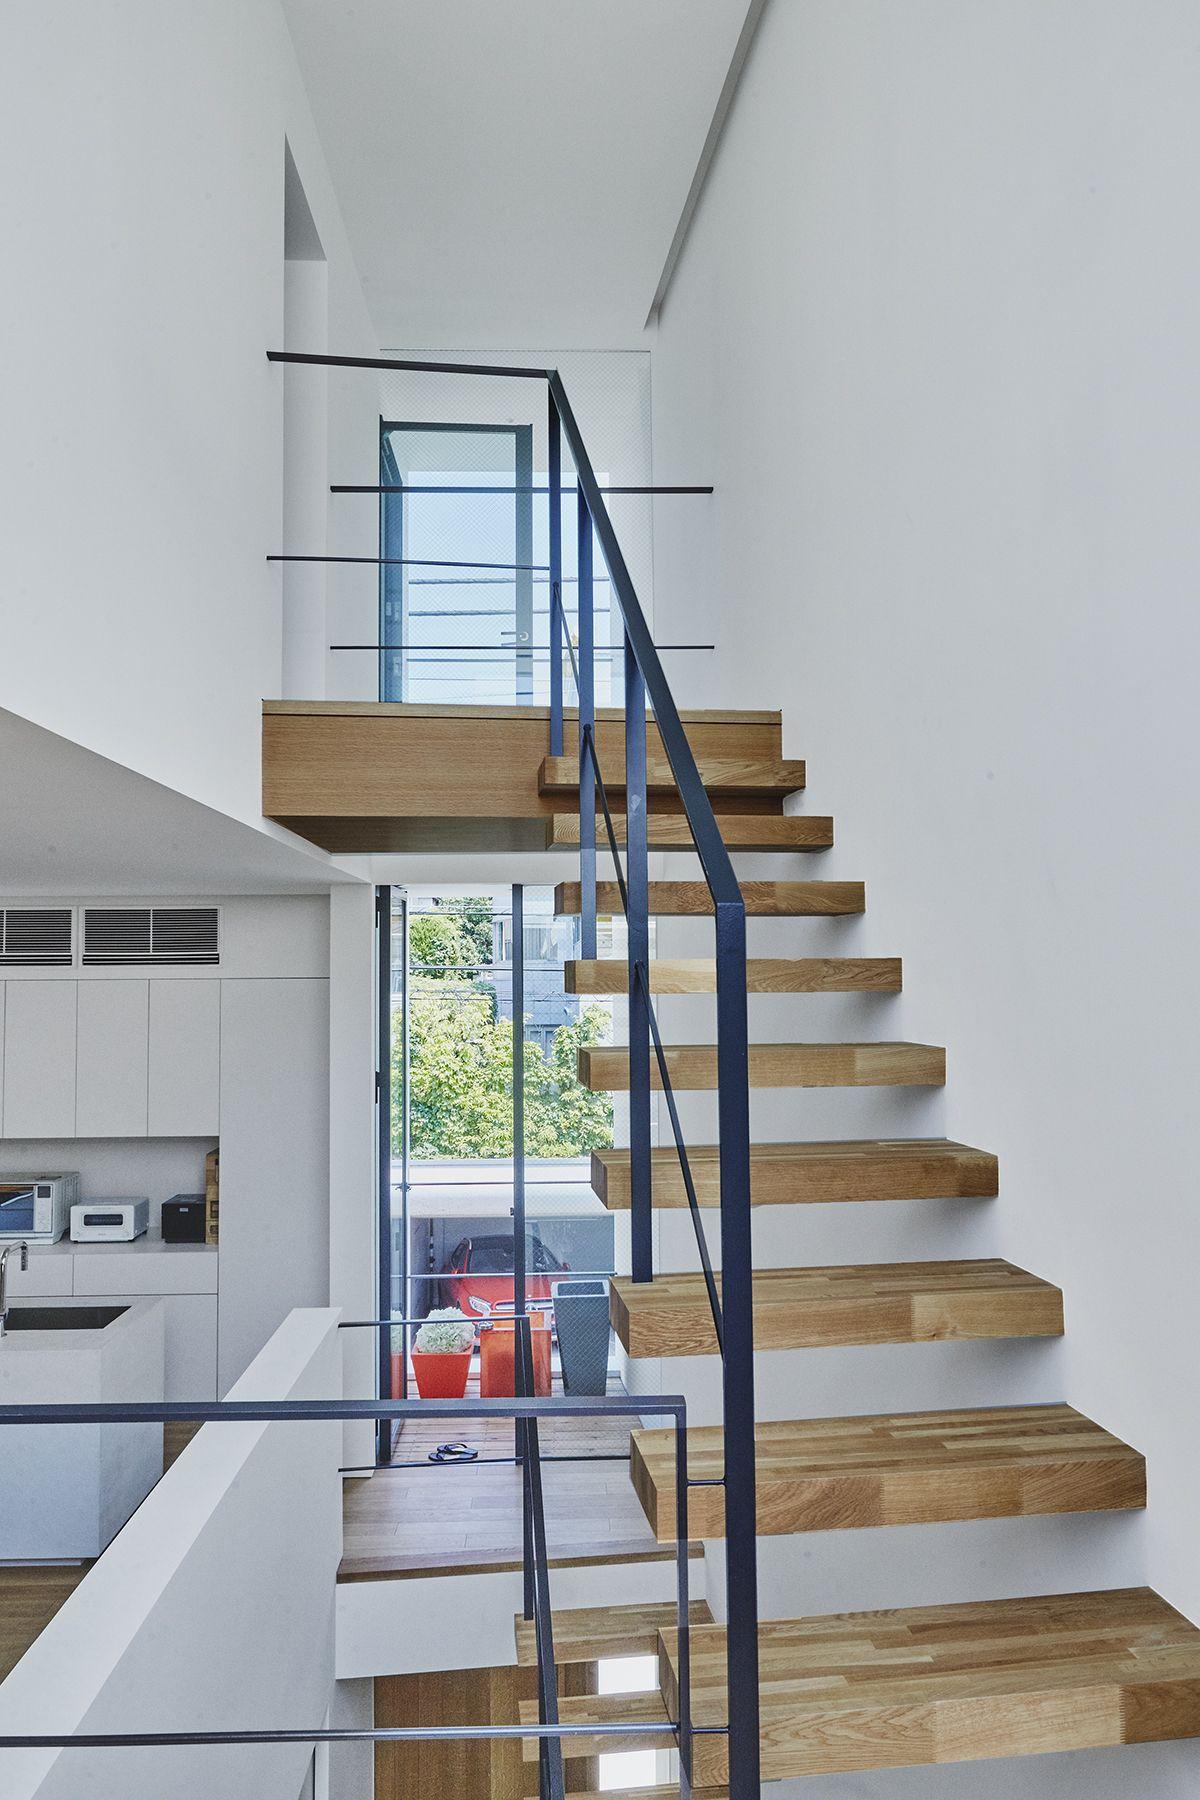 桜新町の家/個人宅 (サクラシンマチノイエ)2Fから3Fへの階段